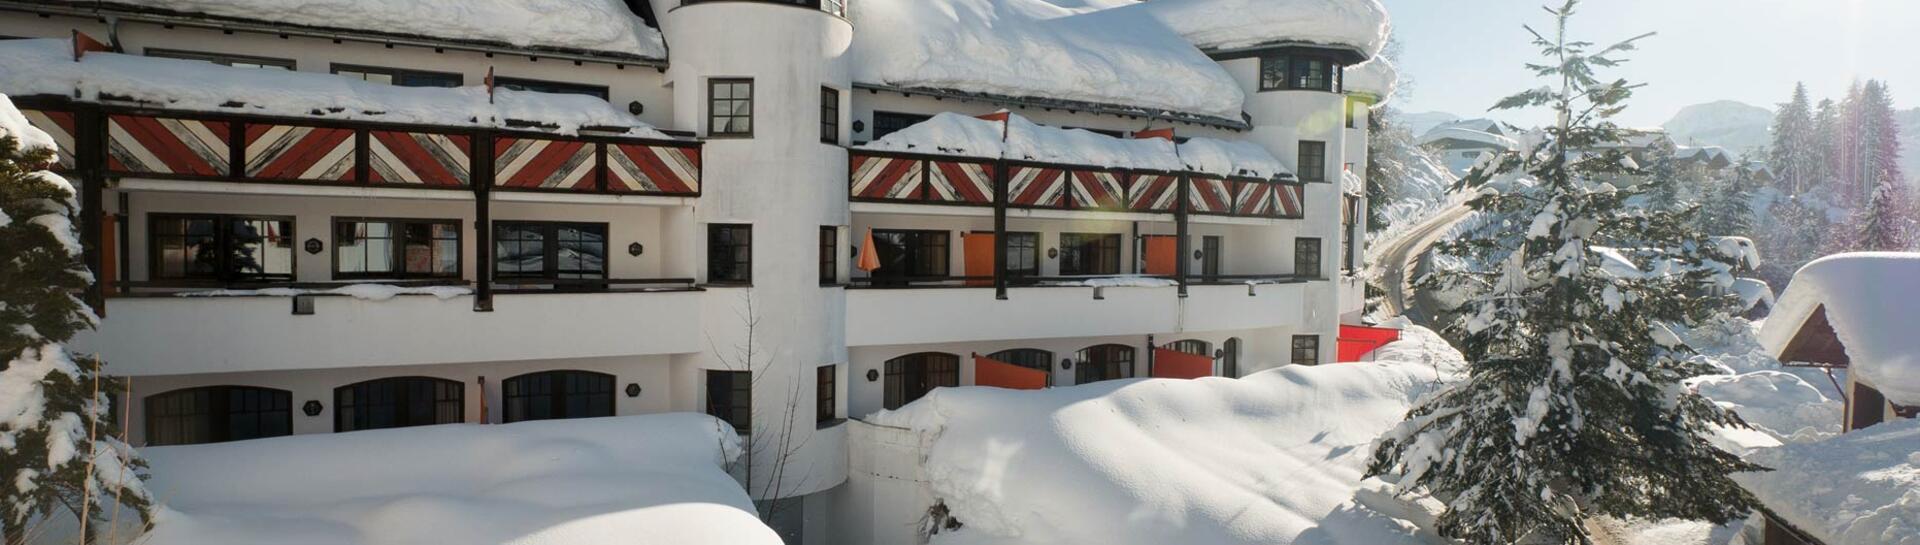 schlosshotel-rosenegg nl bijbehorende-resorts 003